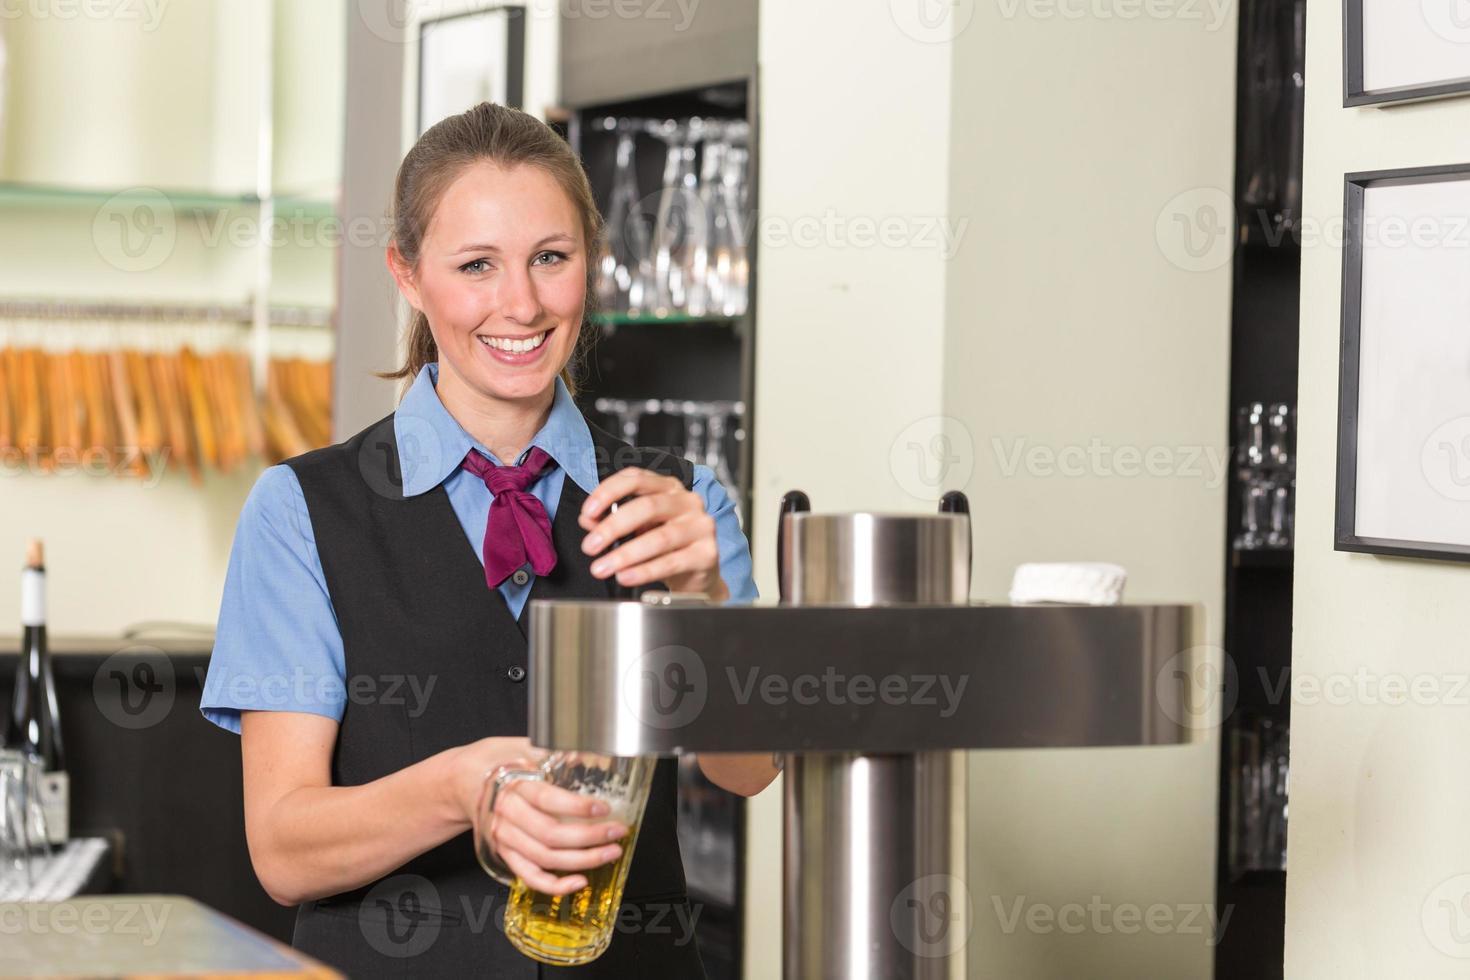 barista nel bar o pub riempiendo il bicchiere di birra foto